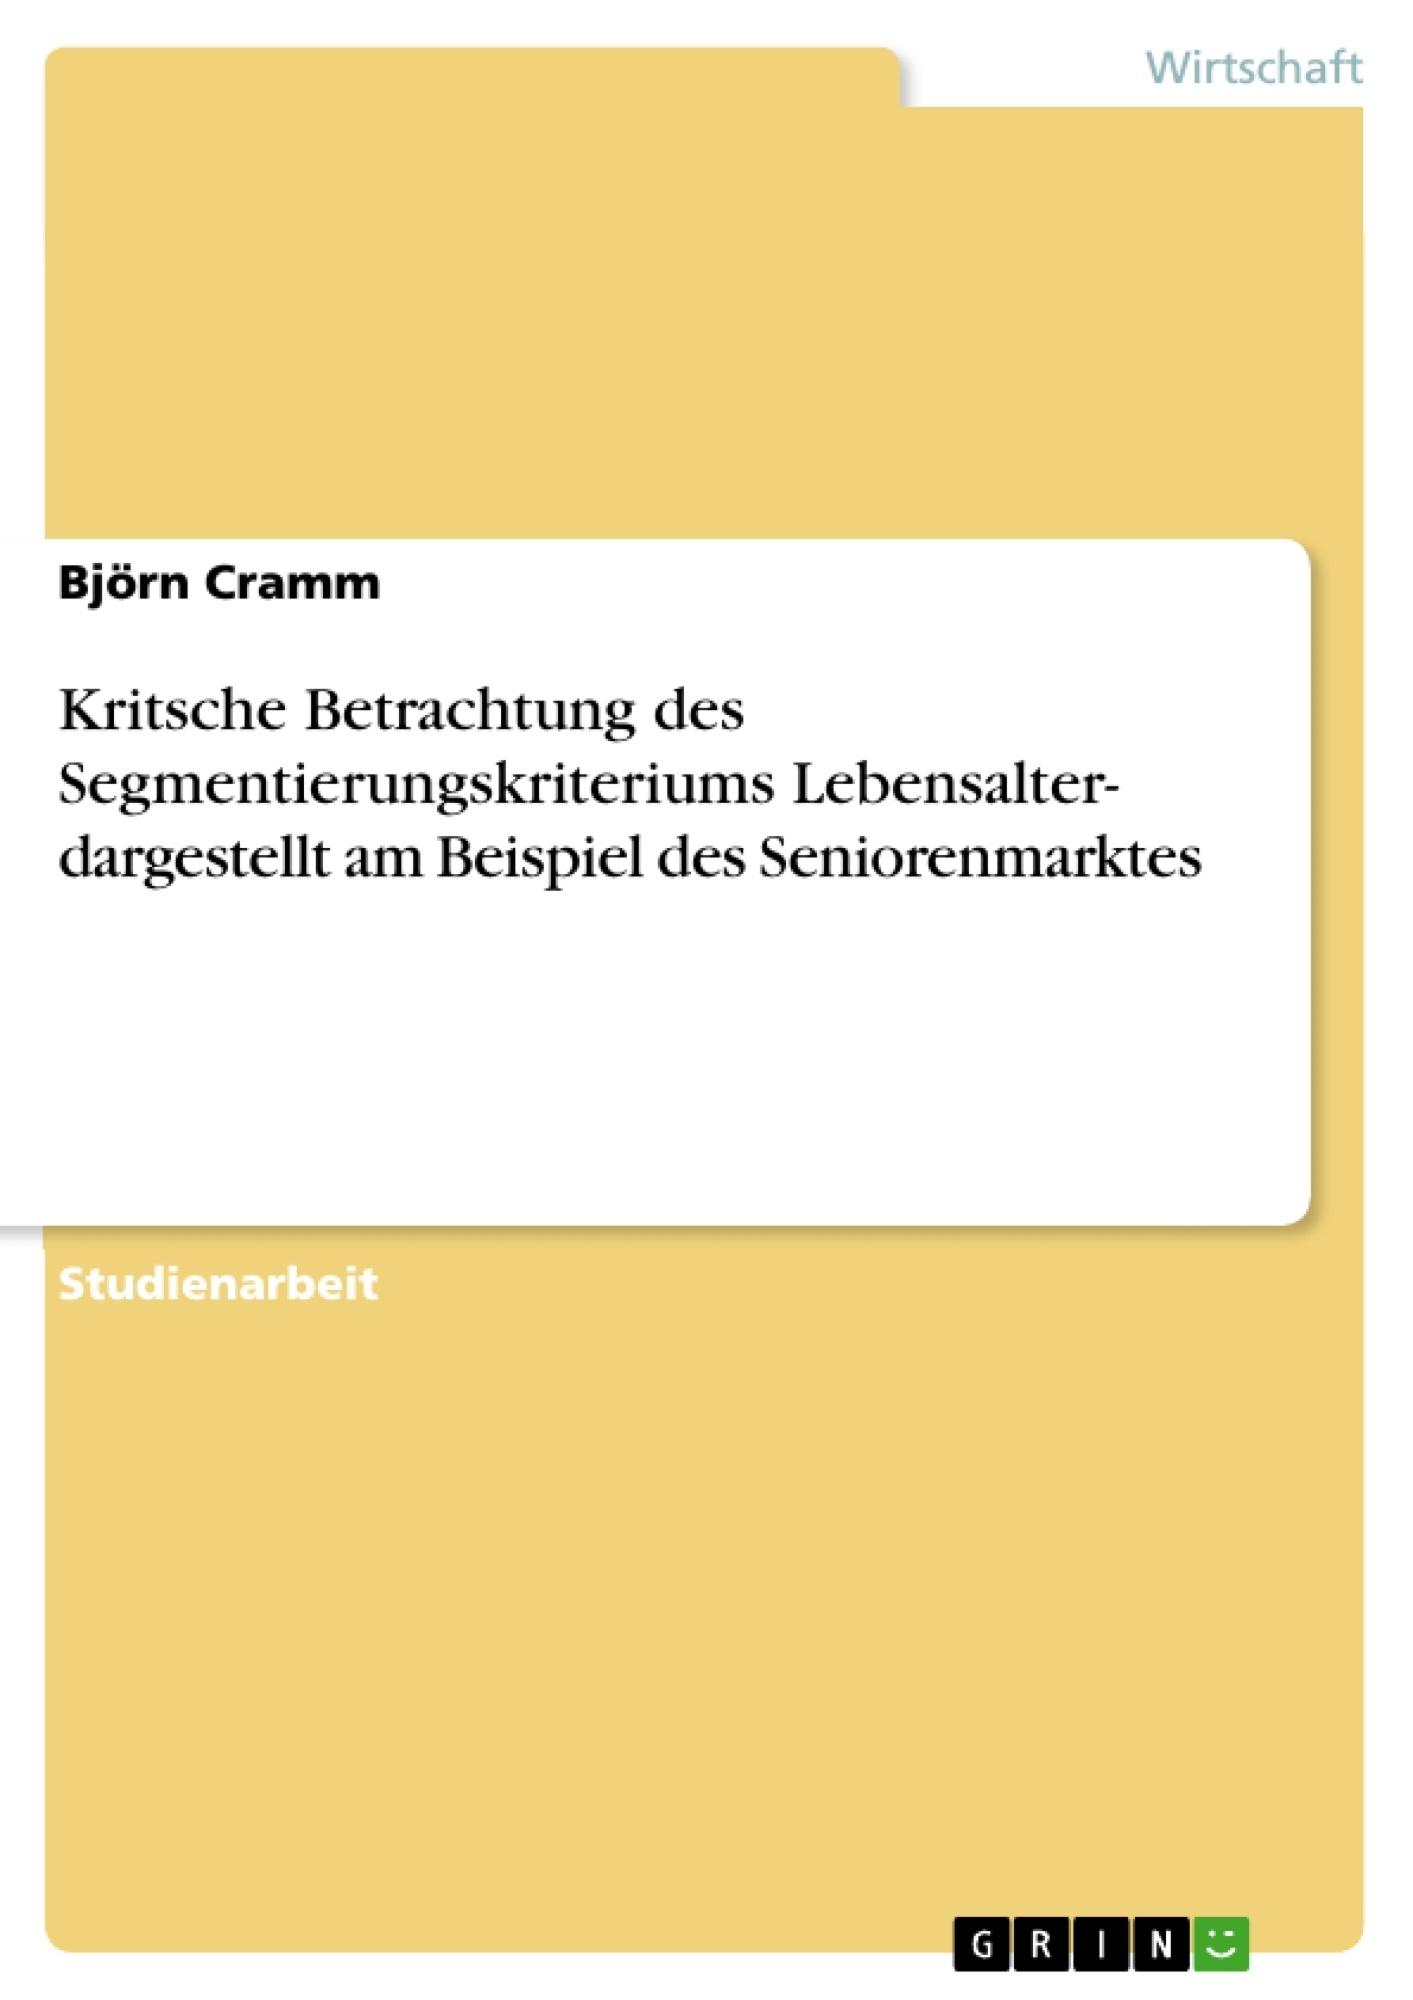 Titel: Kritsche Betrachtung des Segmentierungskriteriums Lebensalter- dargestellt am Beispiel des Seniorenmarktes